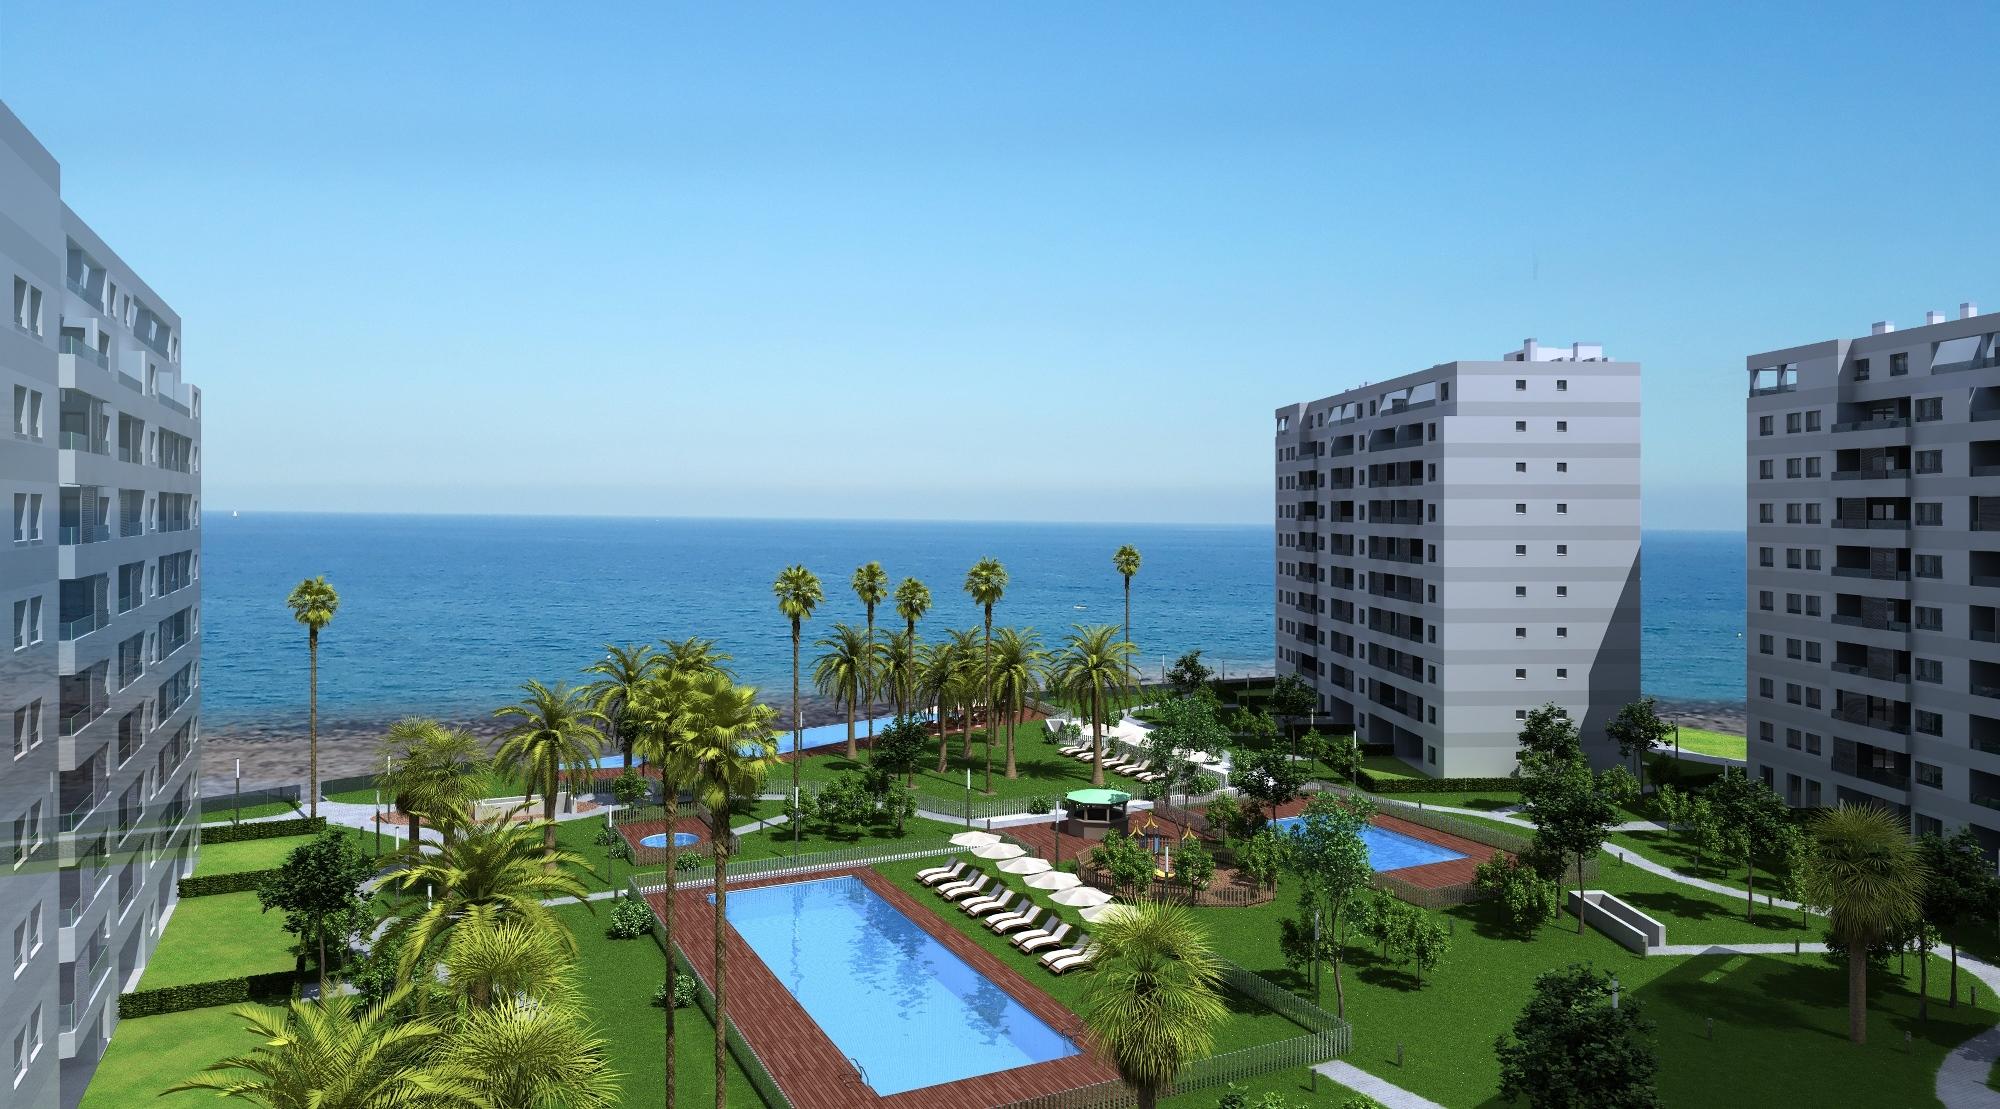 Llega una nueva promoción a Torrevieja: viviendas con vistas al mar desde 279.000 euros